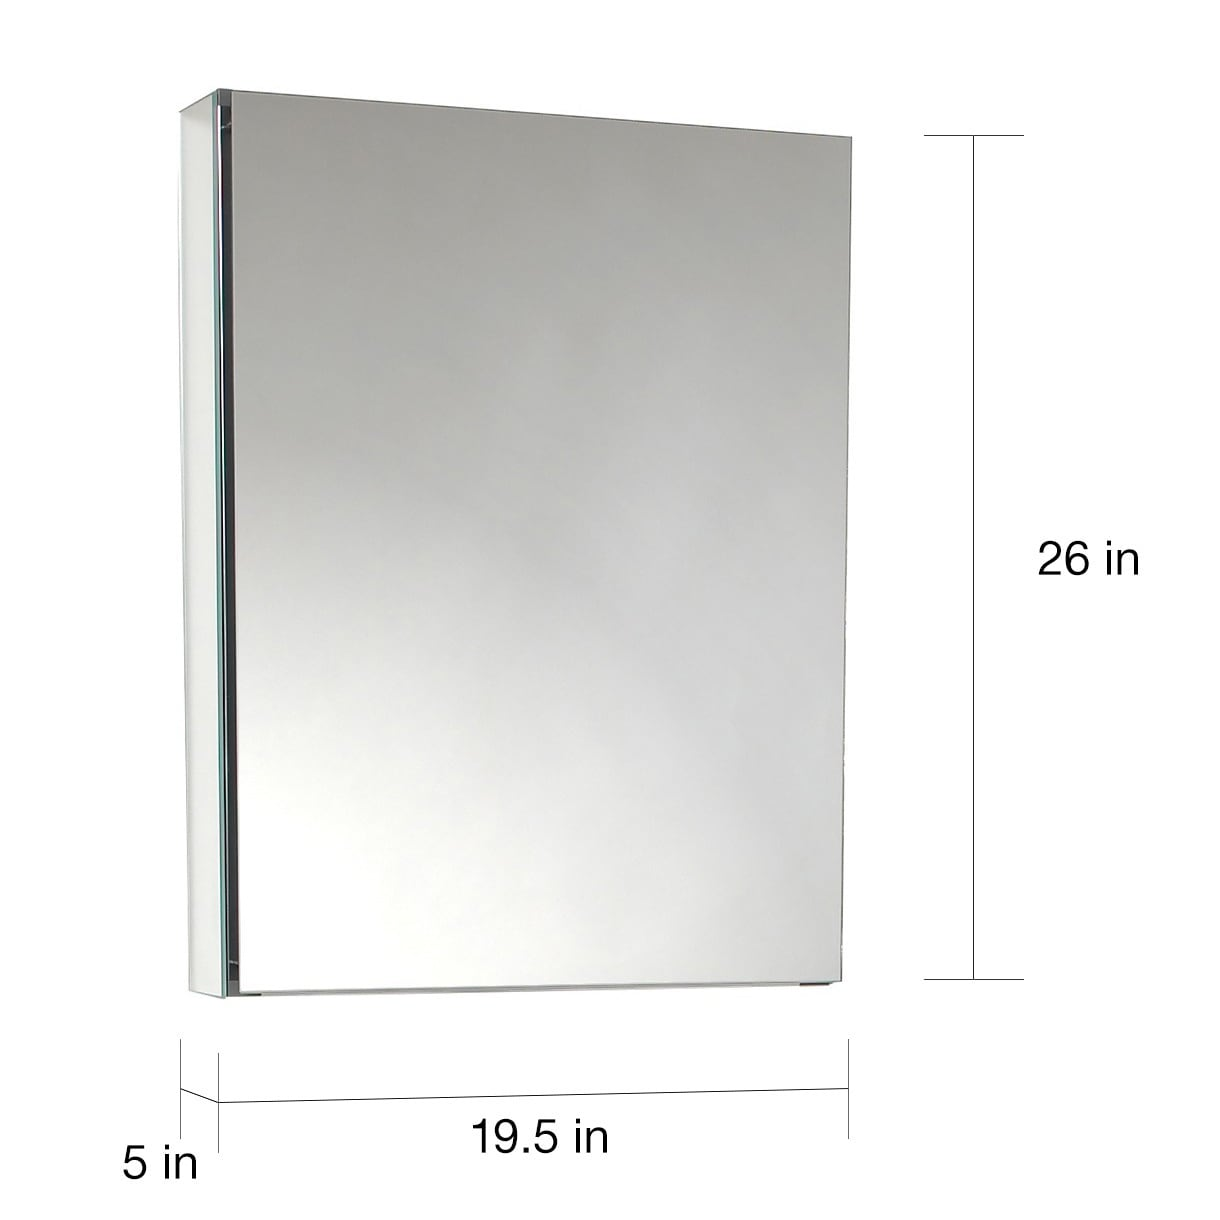 Fresca Small Bathroom Mirror Medicine Cabinet Overstock 5202766